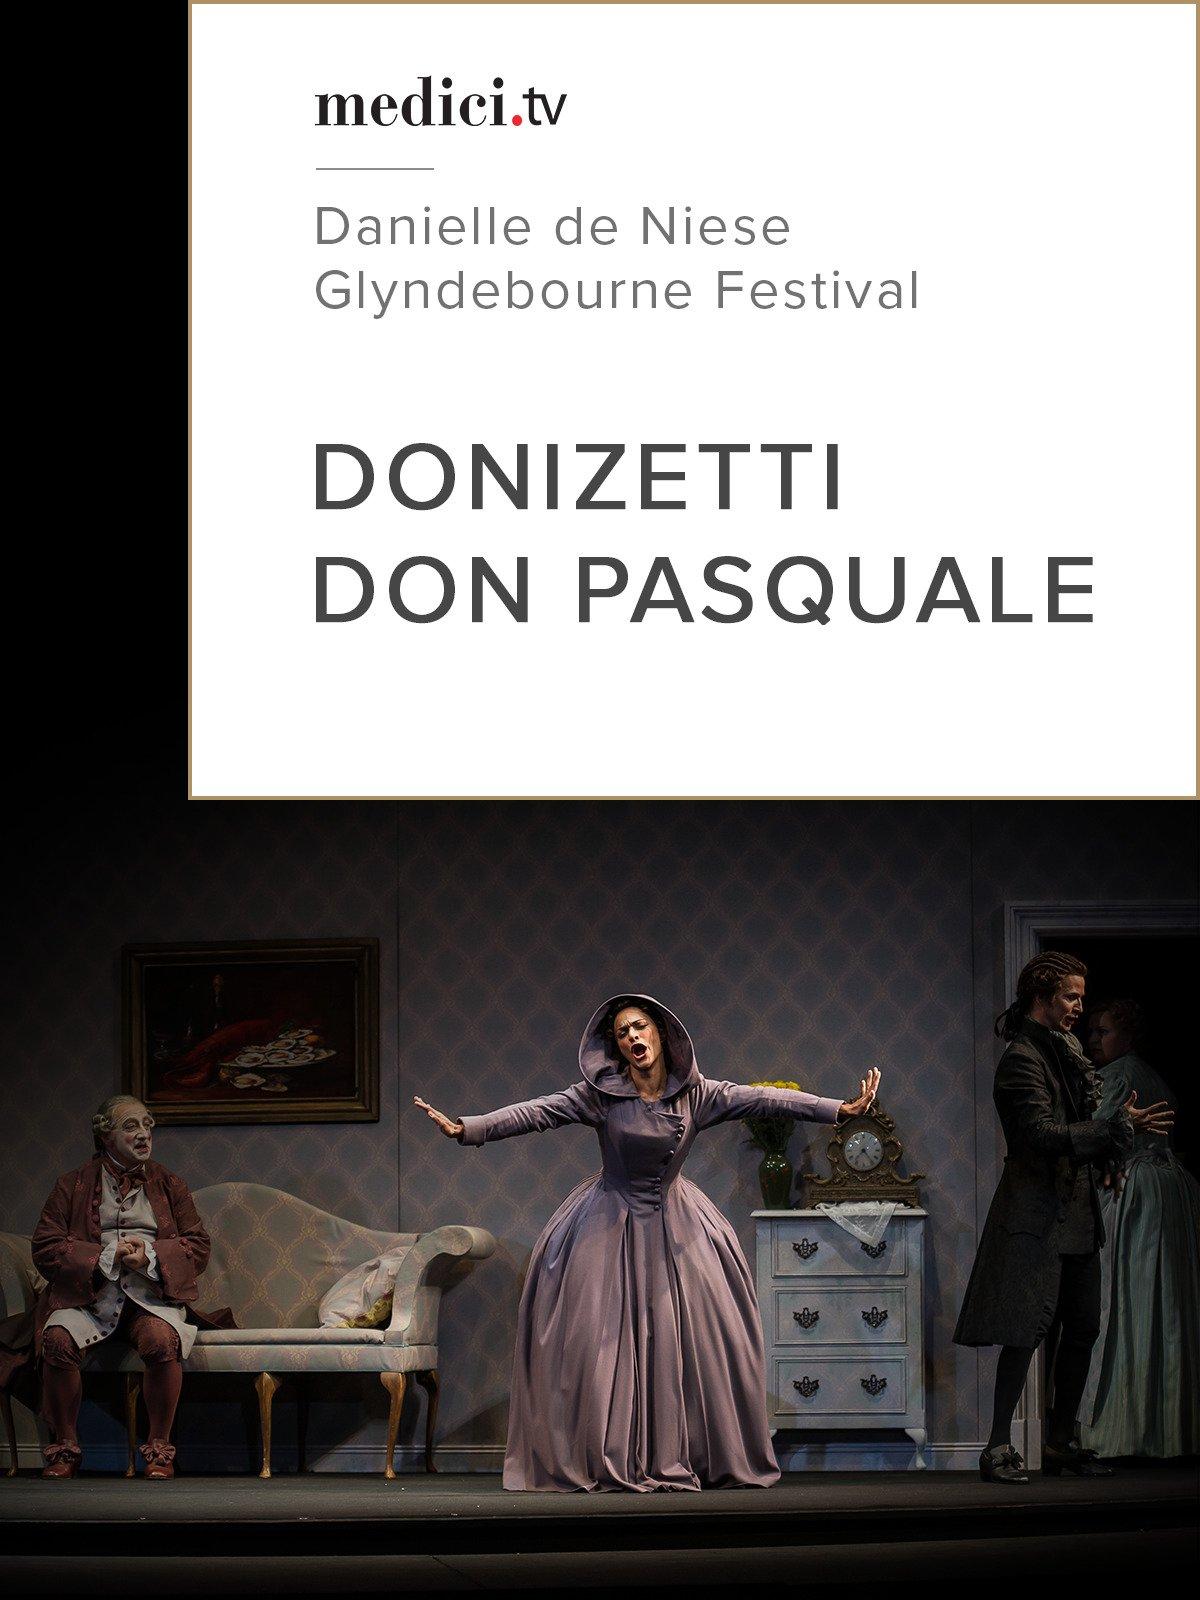 Donizetti, Don Pasquale